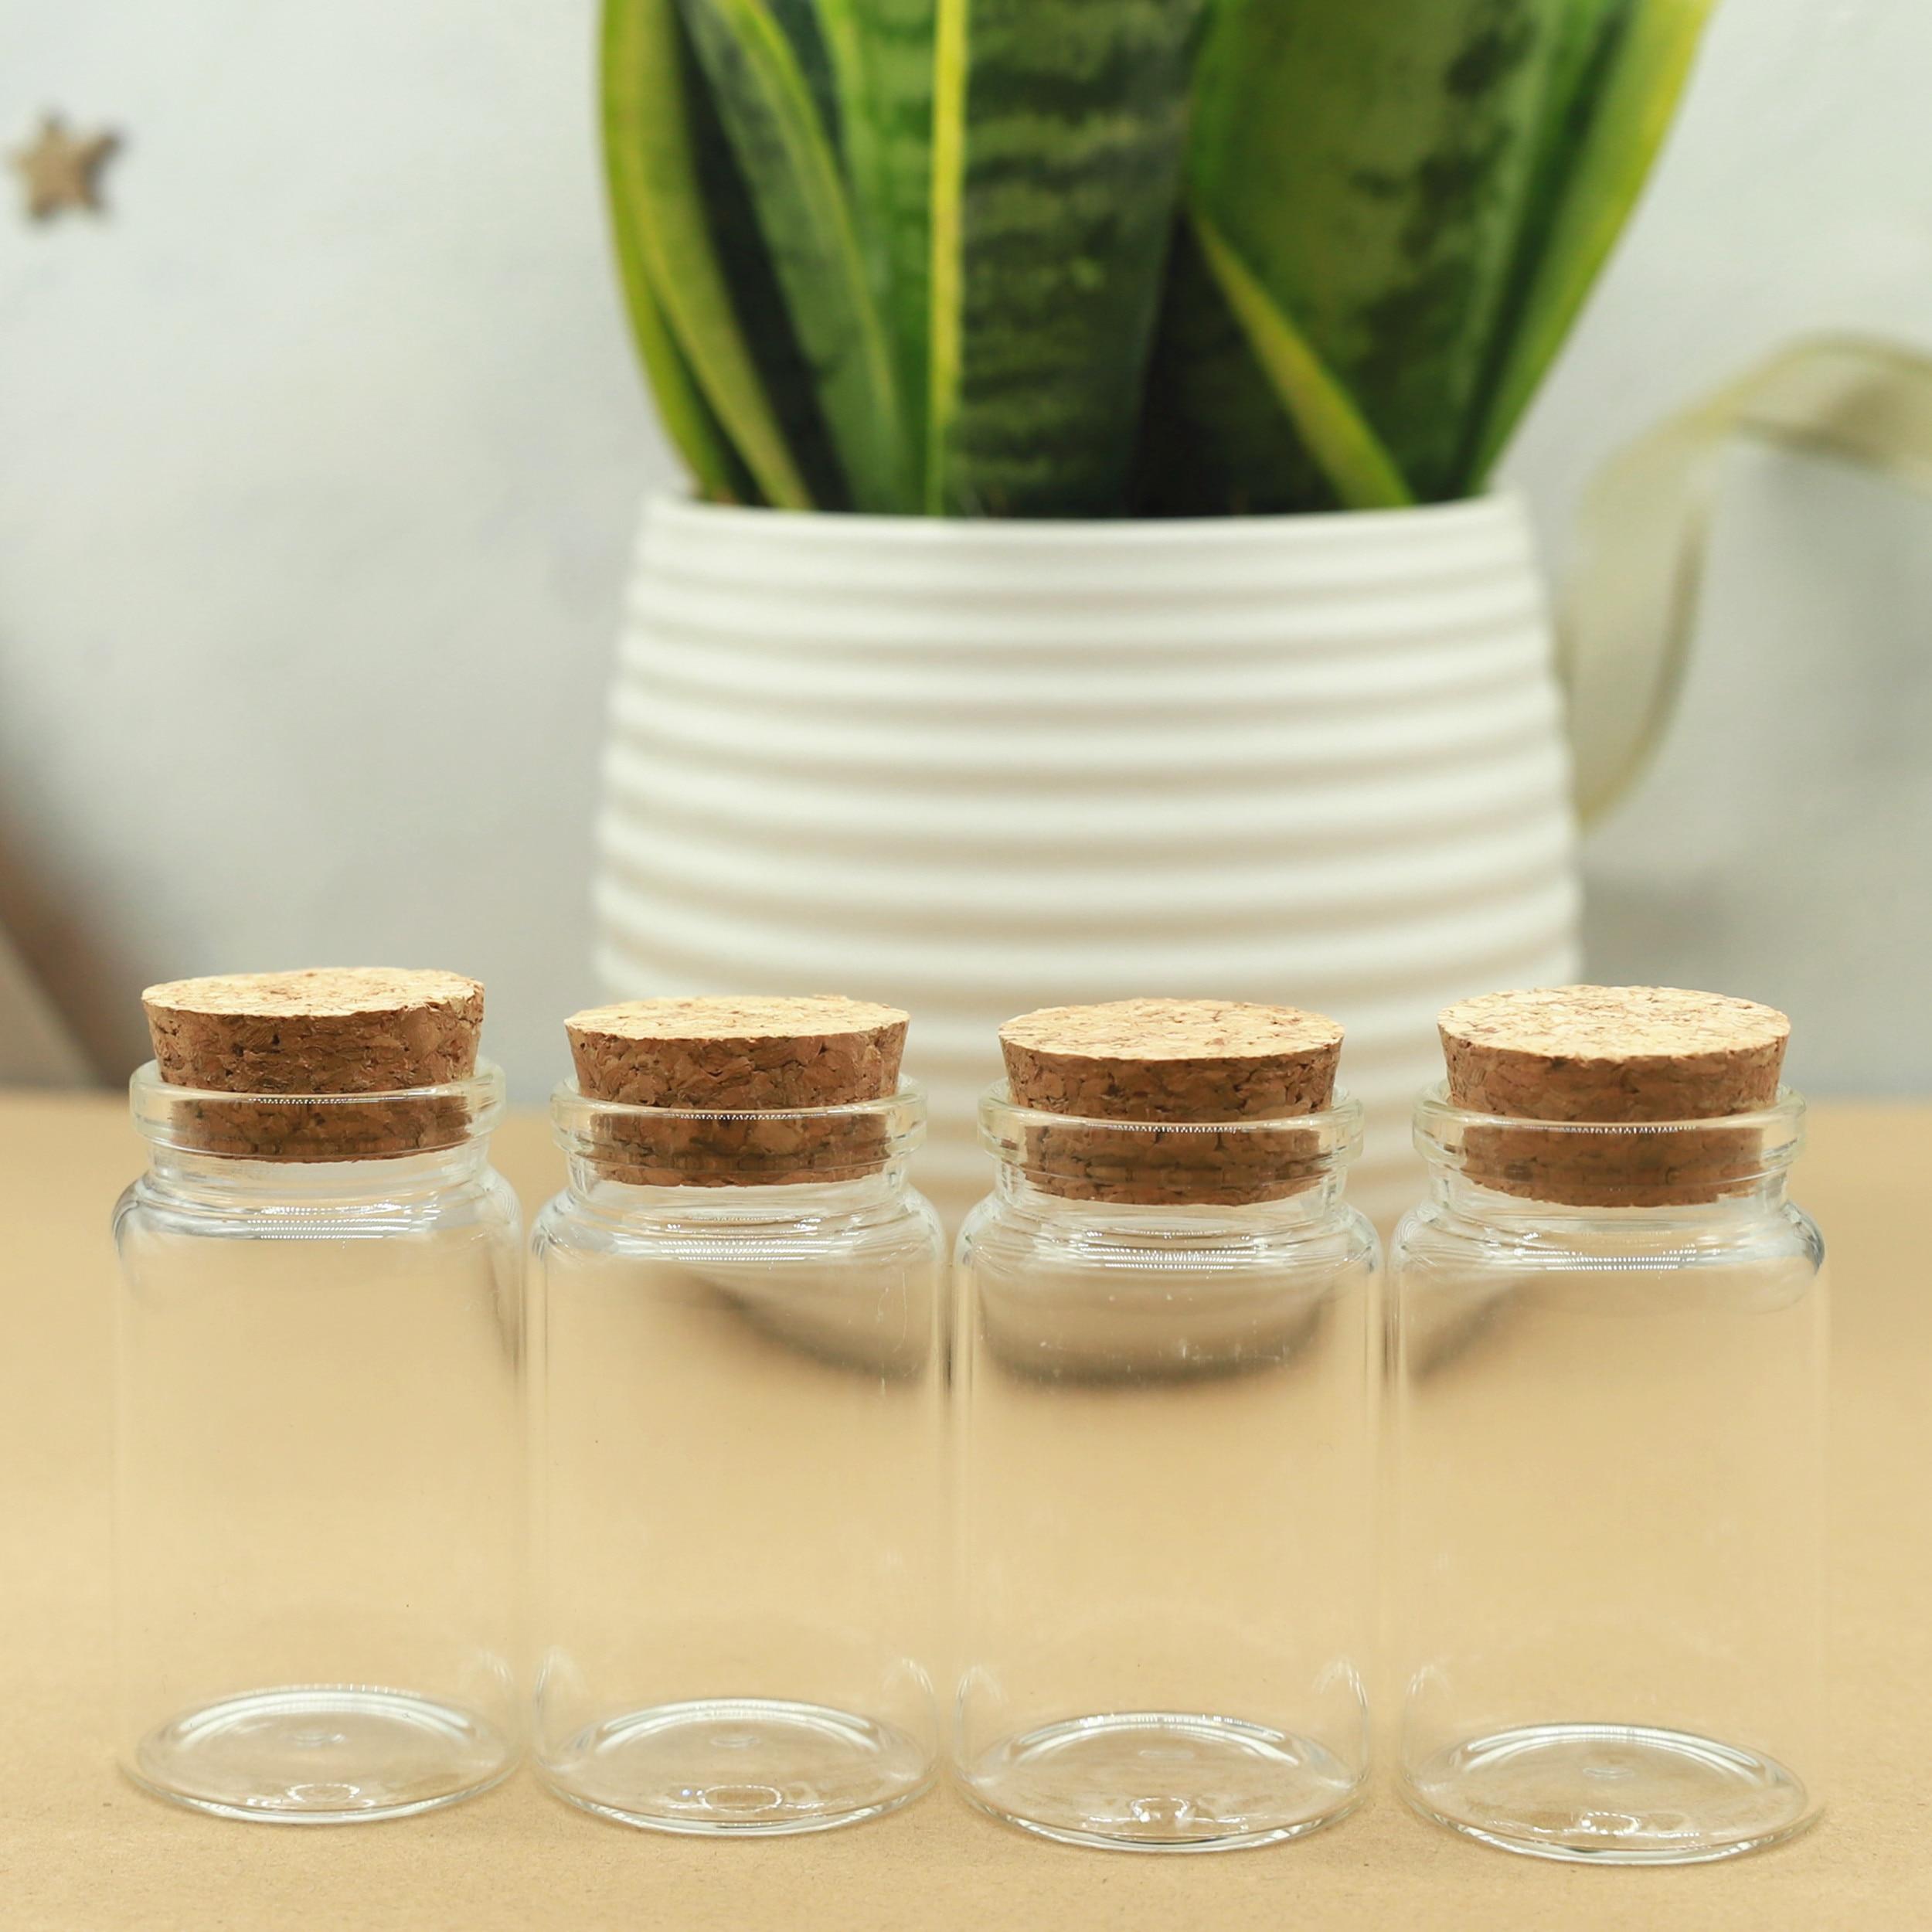 24 قطعة/الوحدة قطع الزجاج زجاجة 37*60 مللي متر 40 مللي سدادة صغيرة اختبار أنبوب تخزين التوابل زجاجة الحاويات الزجاج الجرار قوارير زجاجة الفلين